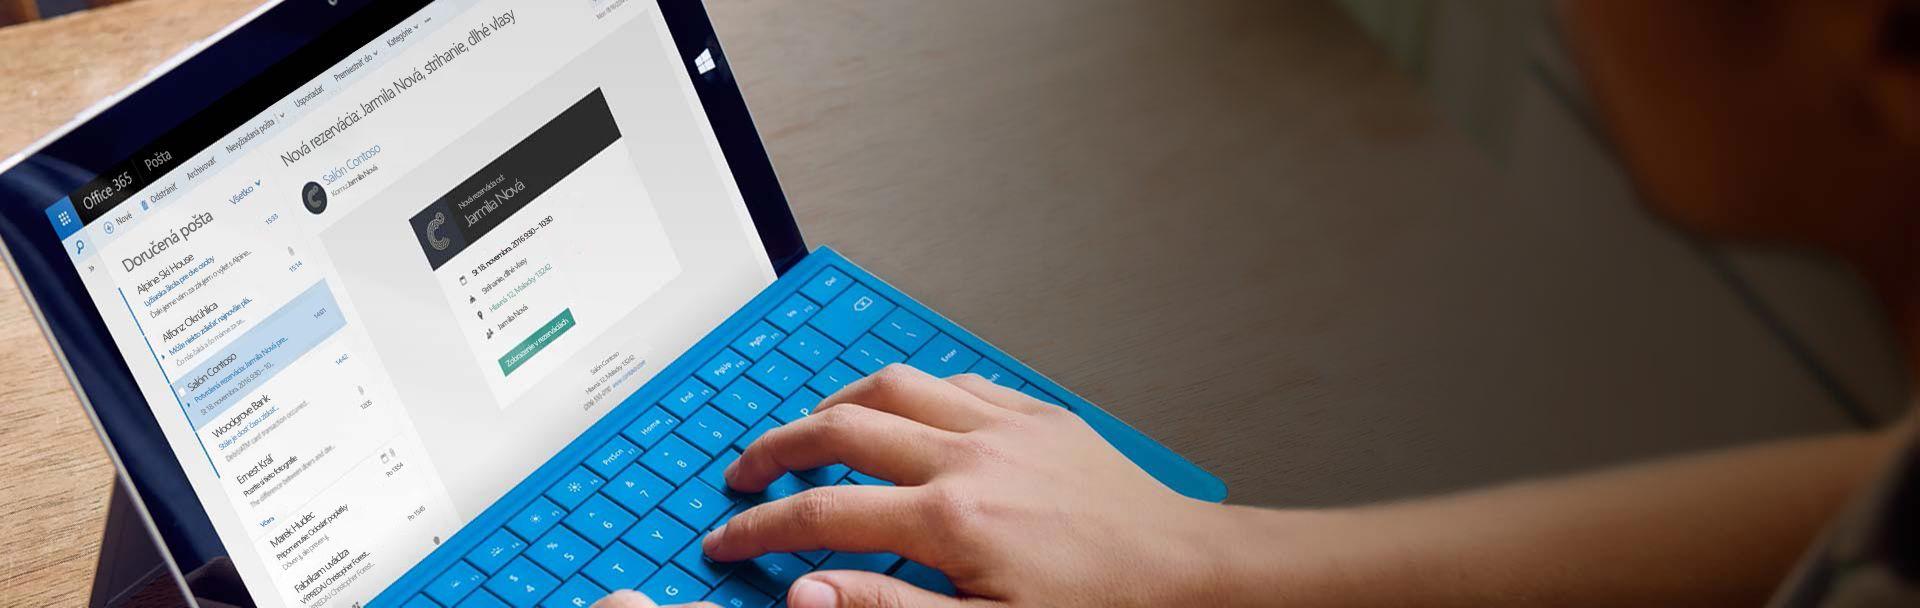 Tablet zobrazujúci pripomenutia plánovaných činností služby Office 365 Bookings v e-maile.